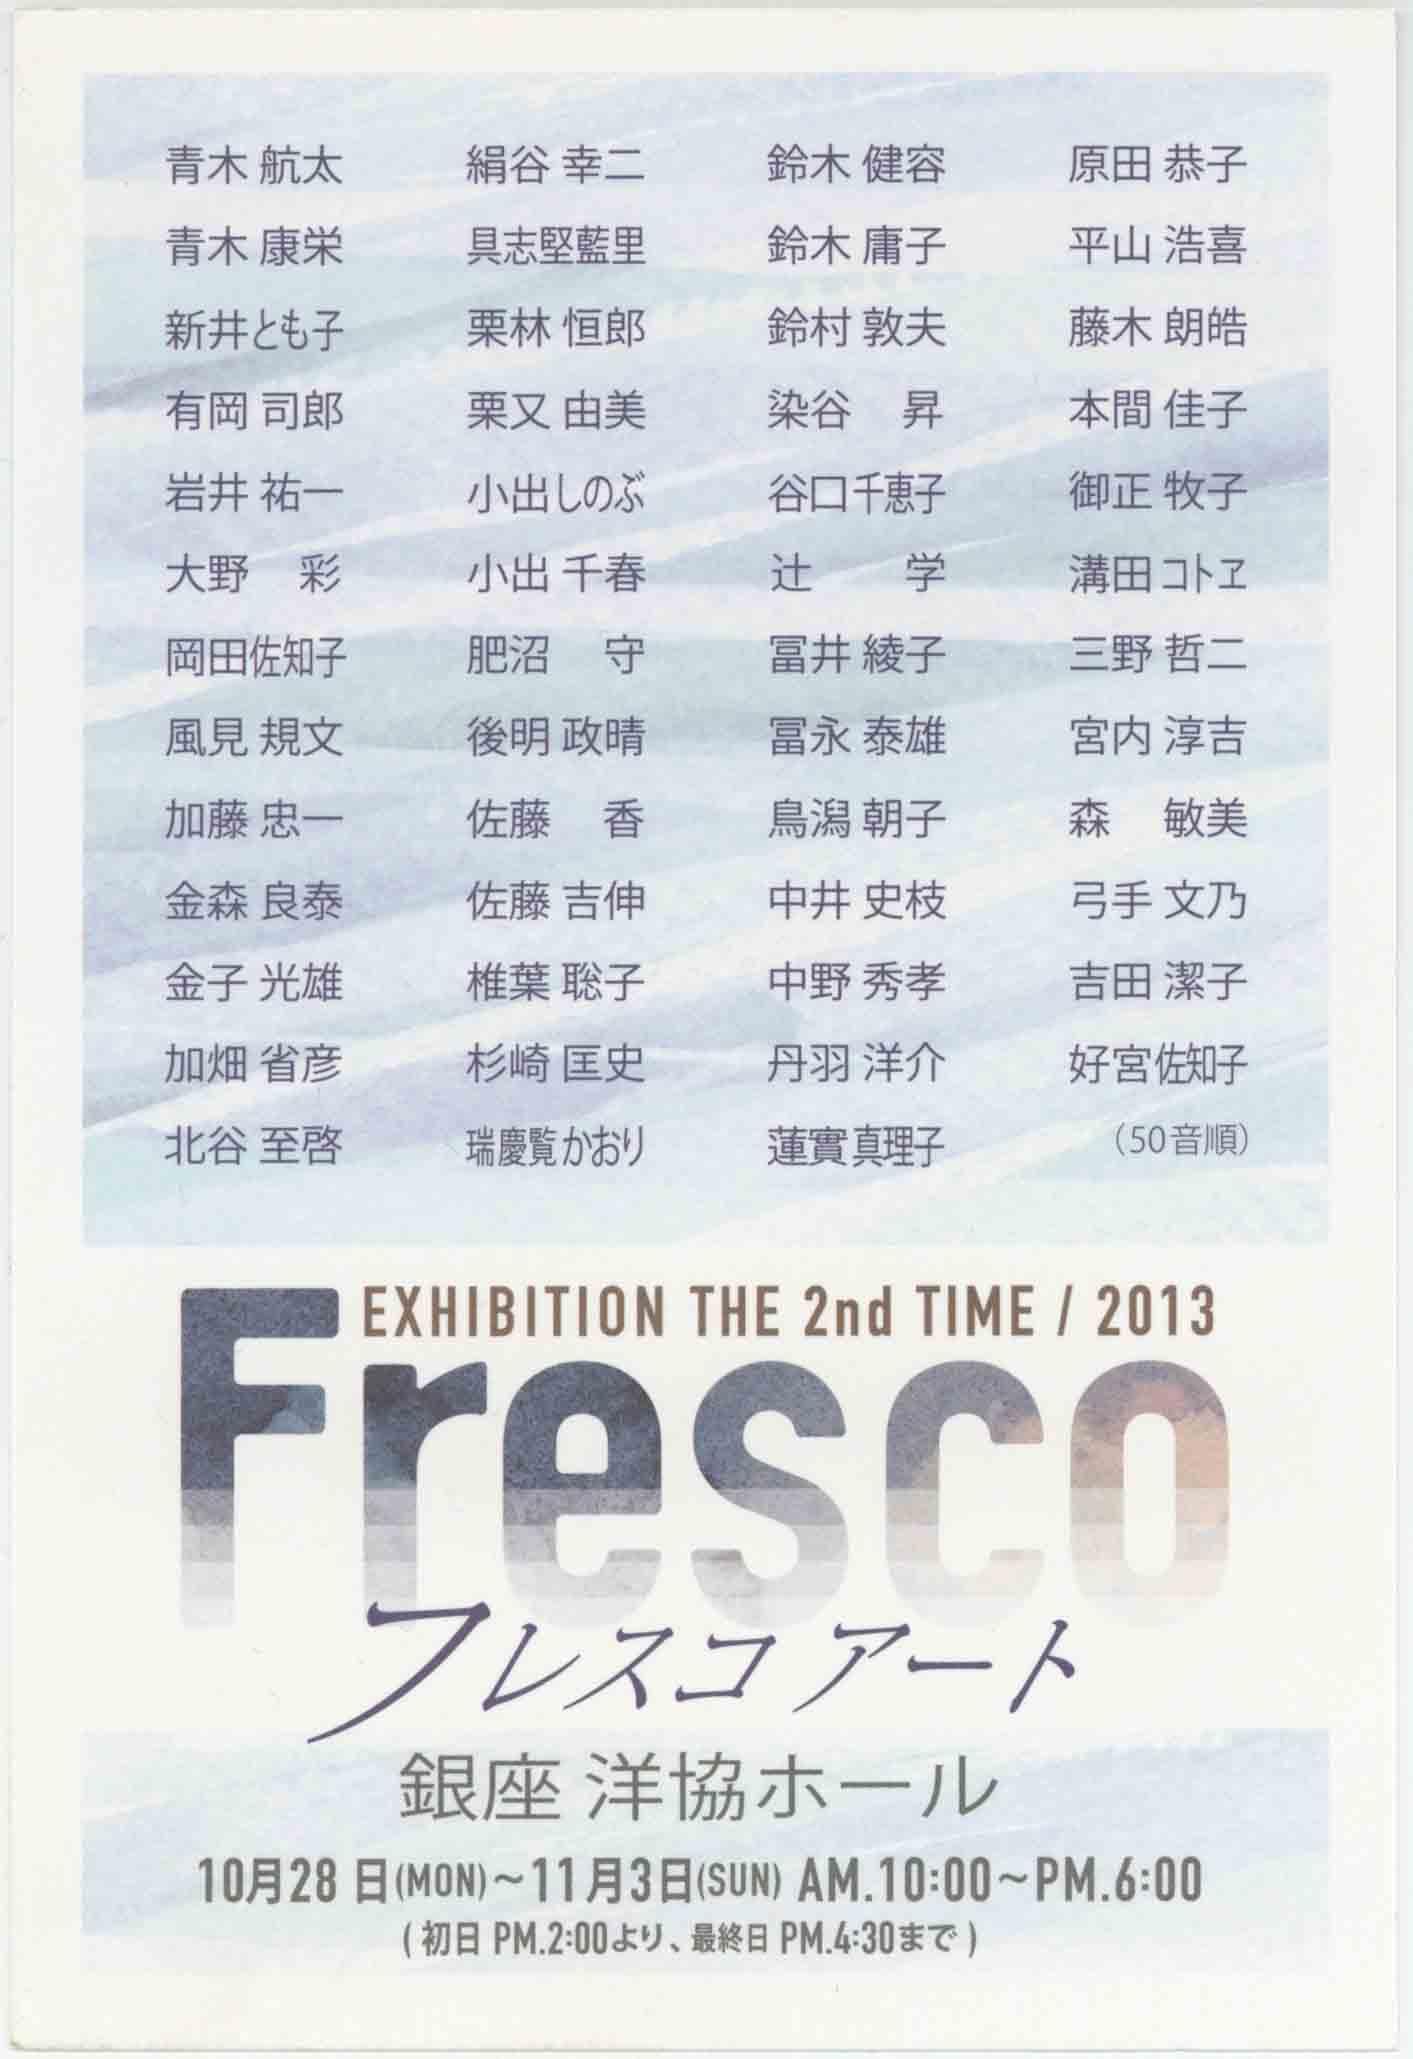 第2回 フレスコ展 2013